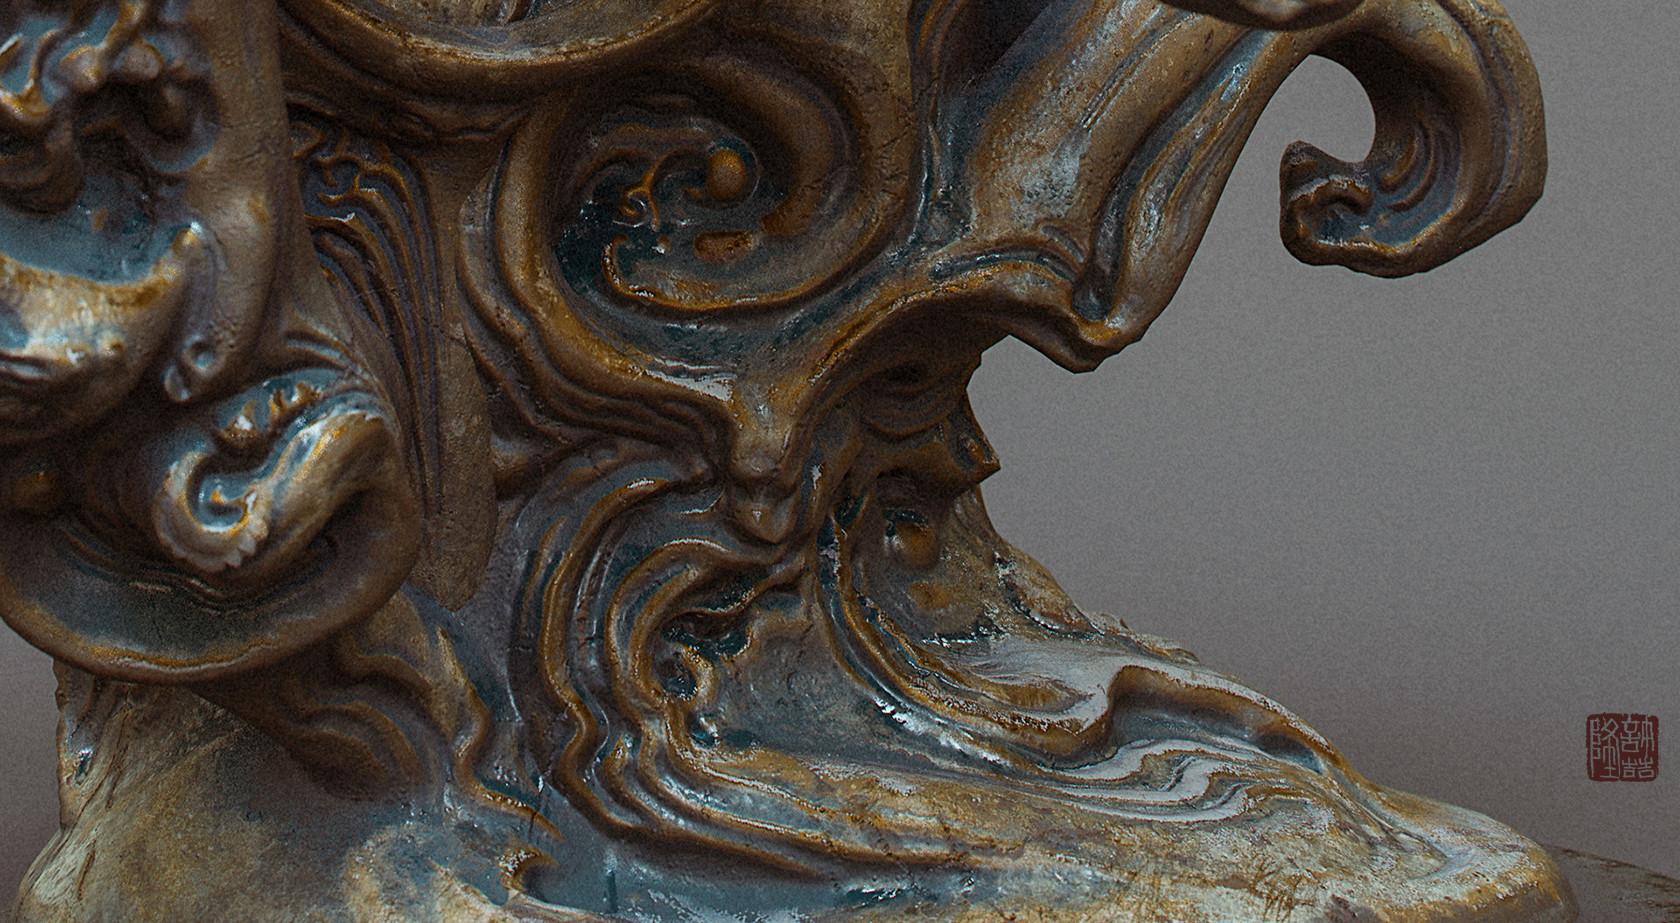 Zhelong xu zhelong xu drgaon statue detail02